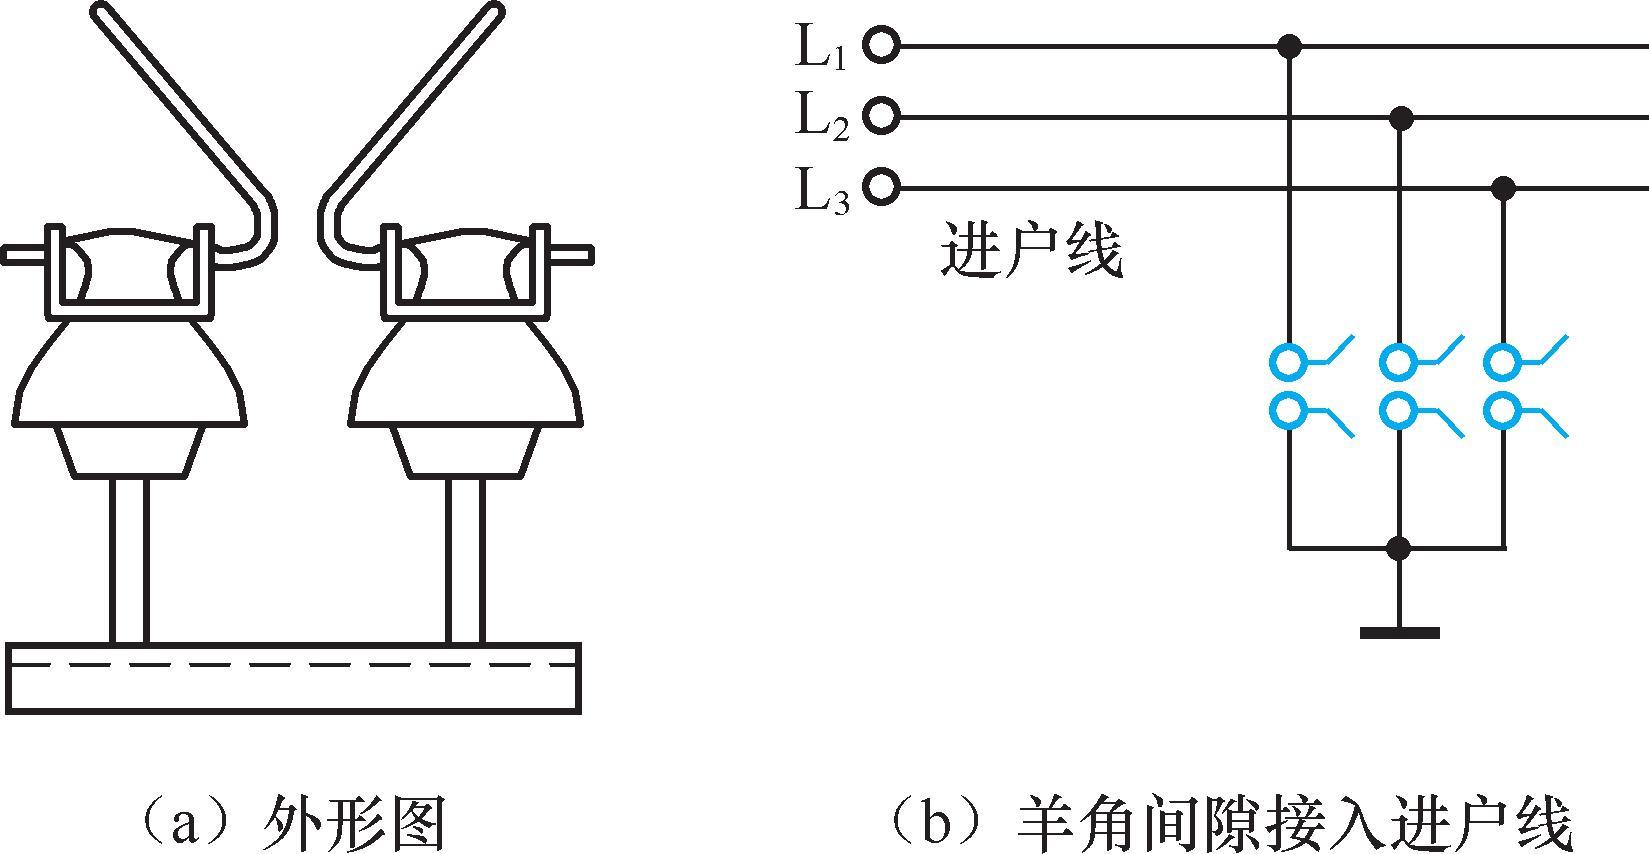 阀型避雷器的外形及接线图见图1-17.图片